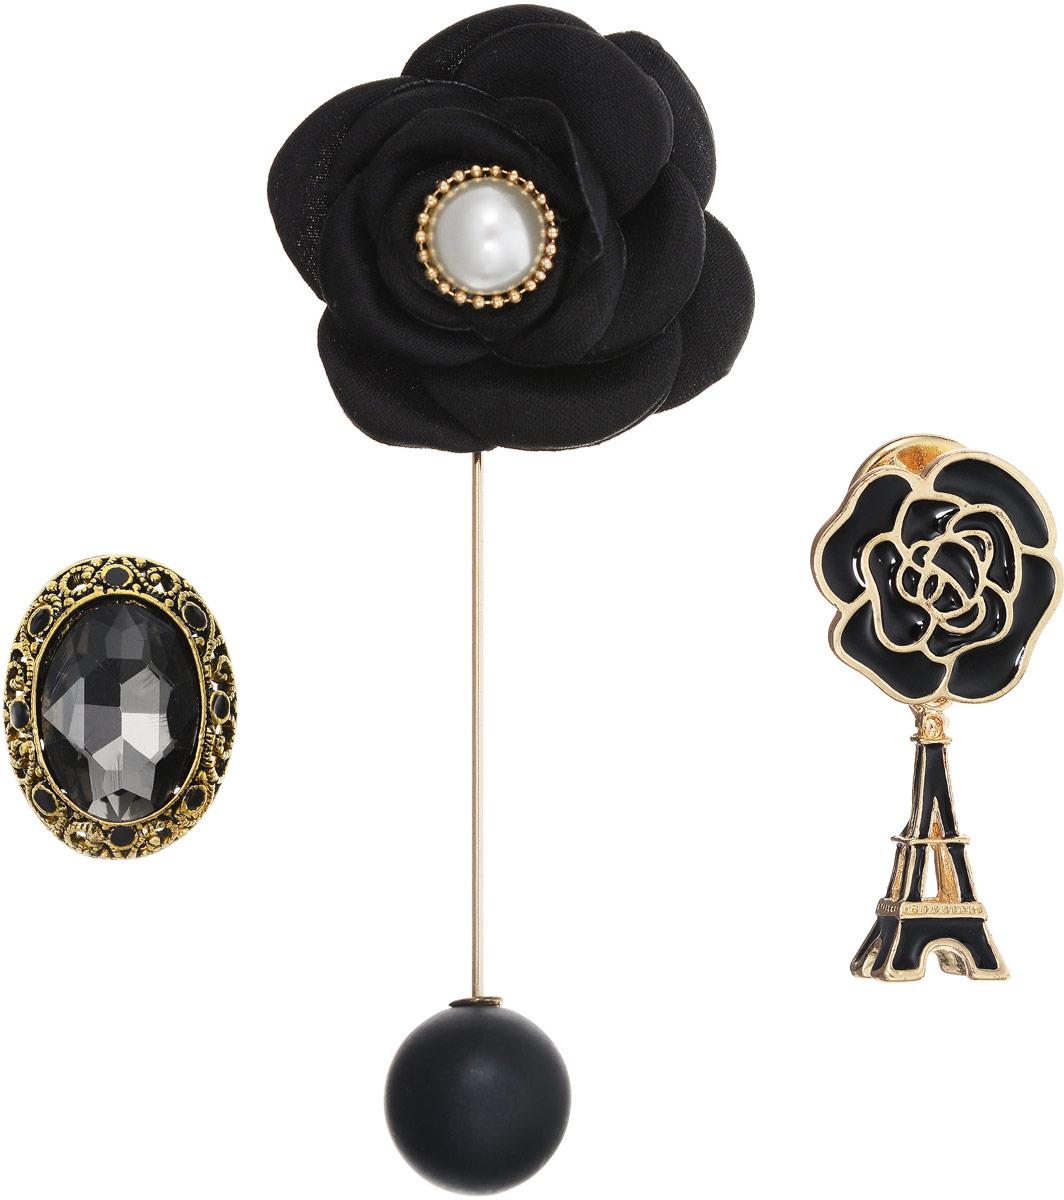 Брошь Taya, цвет: золотистый, 3 шт. T-B-12555Брошь-кулонИзысканный набор Taya из трех брошей: брошь-булавка, в которой снимается черная матовая жемчужина-шар; брошь-значок в виде черно-золотой розы и подвеской Эйфелевой башней; брошь-значок с графитовым кристаллом в богатой рамке цвета черненого золота.